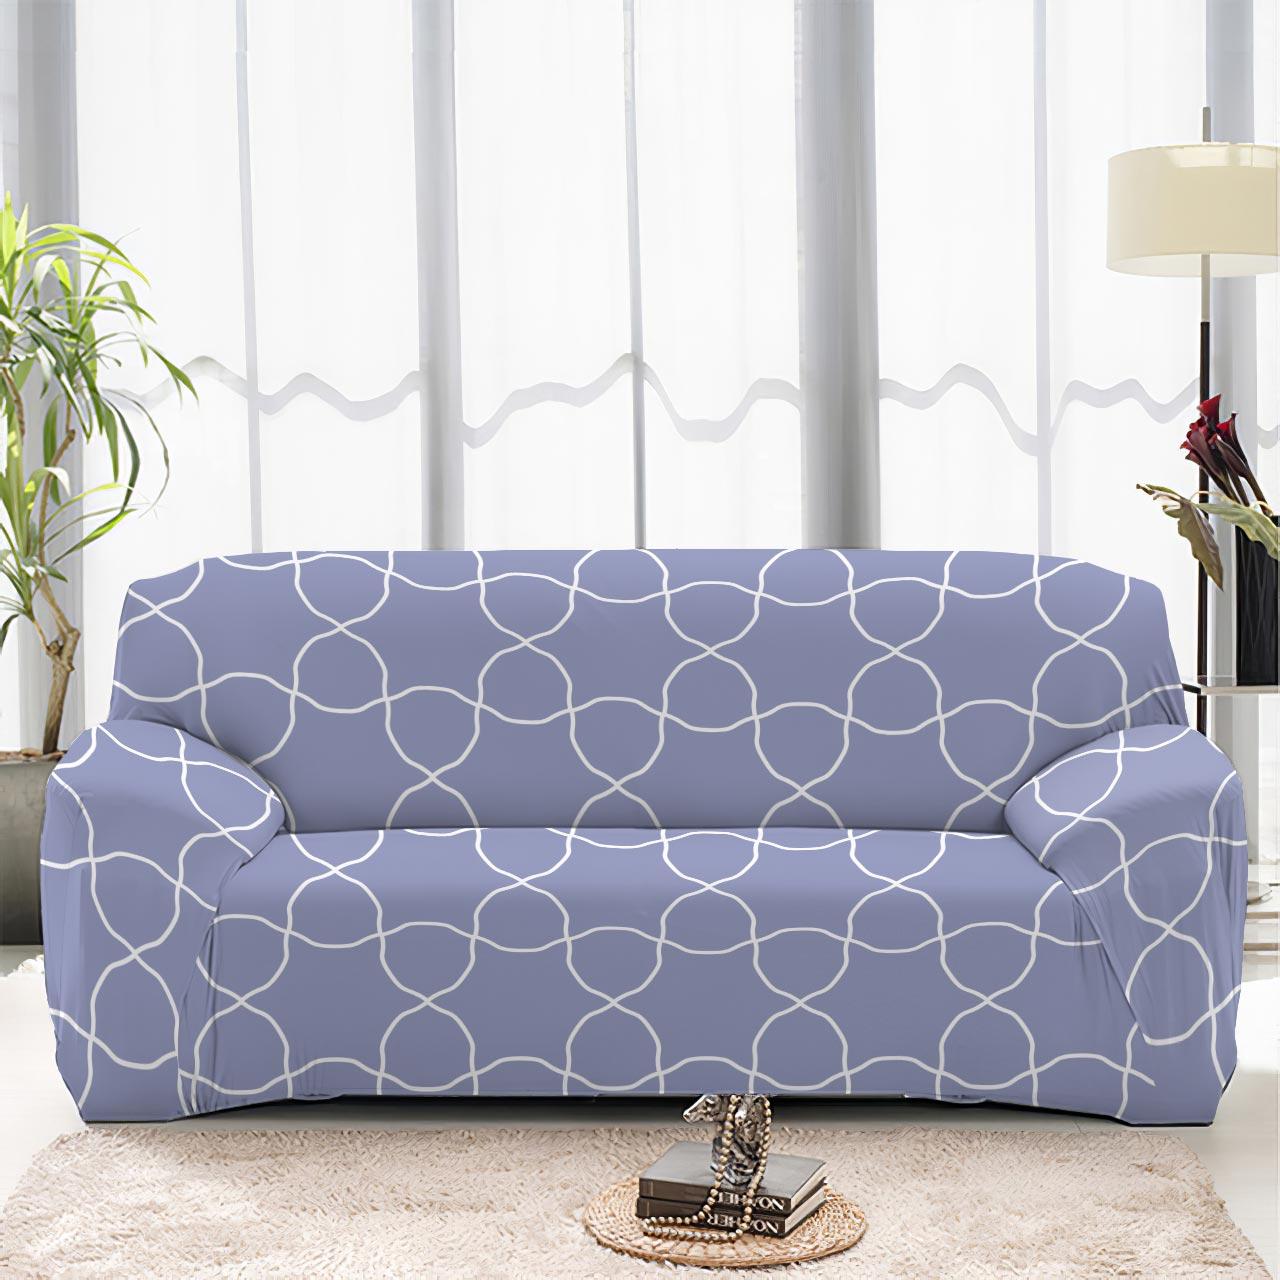 чехлы на диваны и кресла фото основную цель